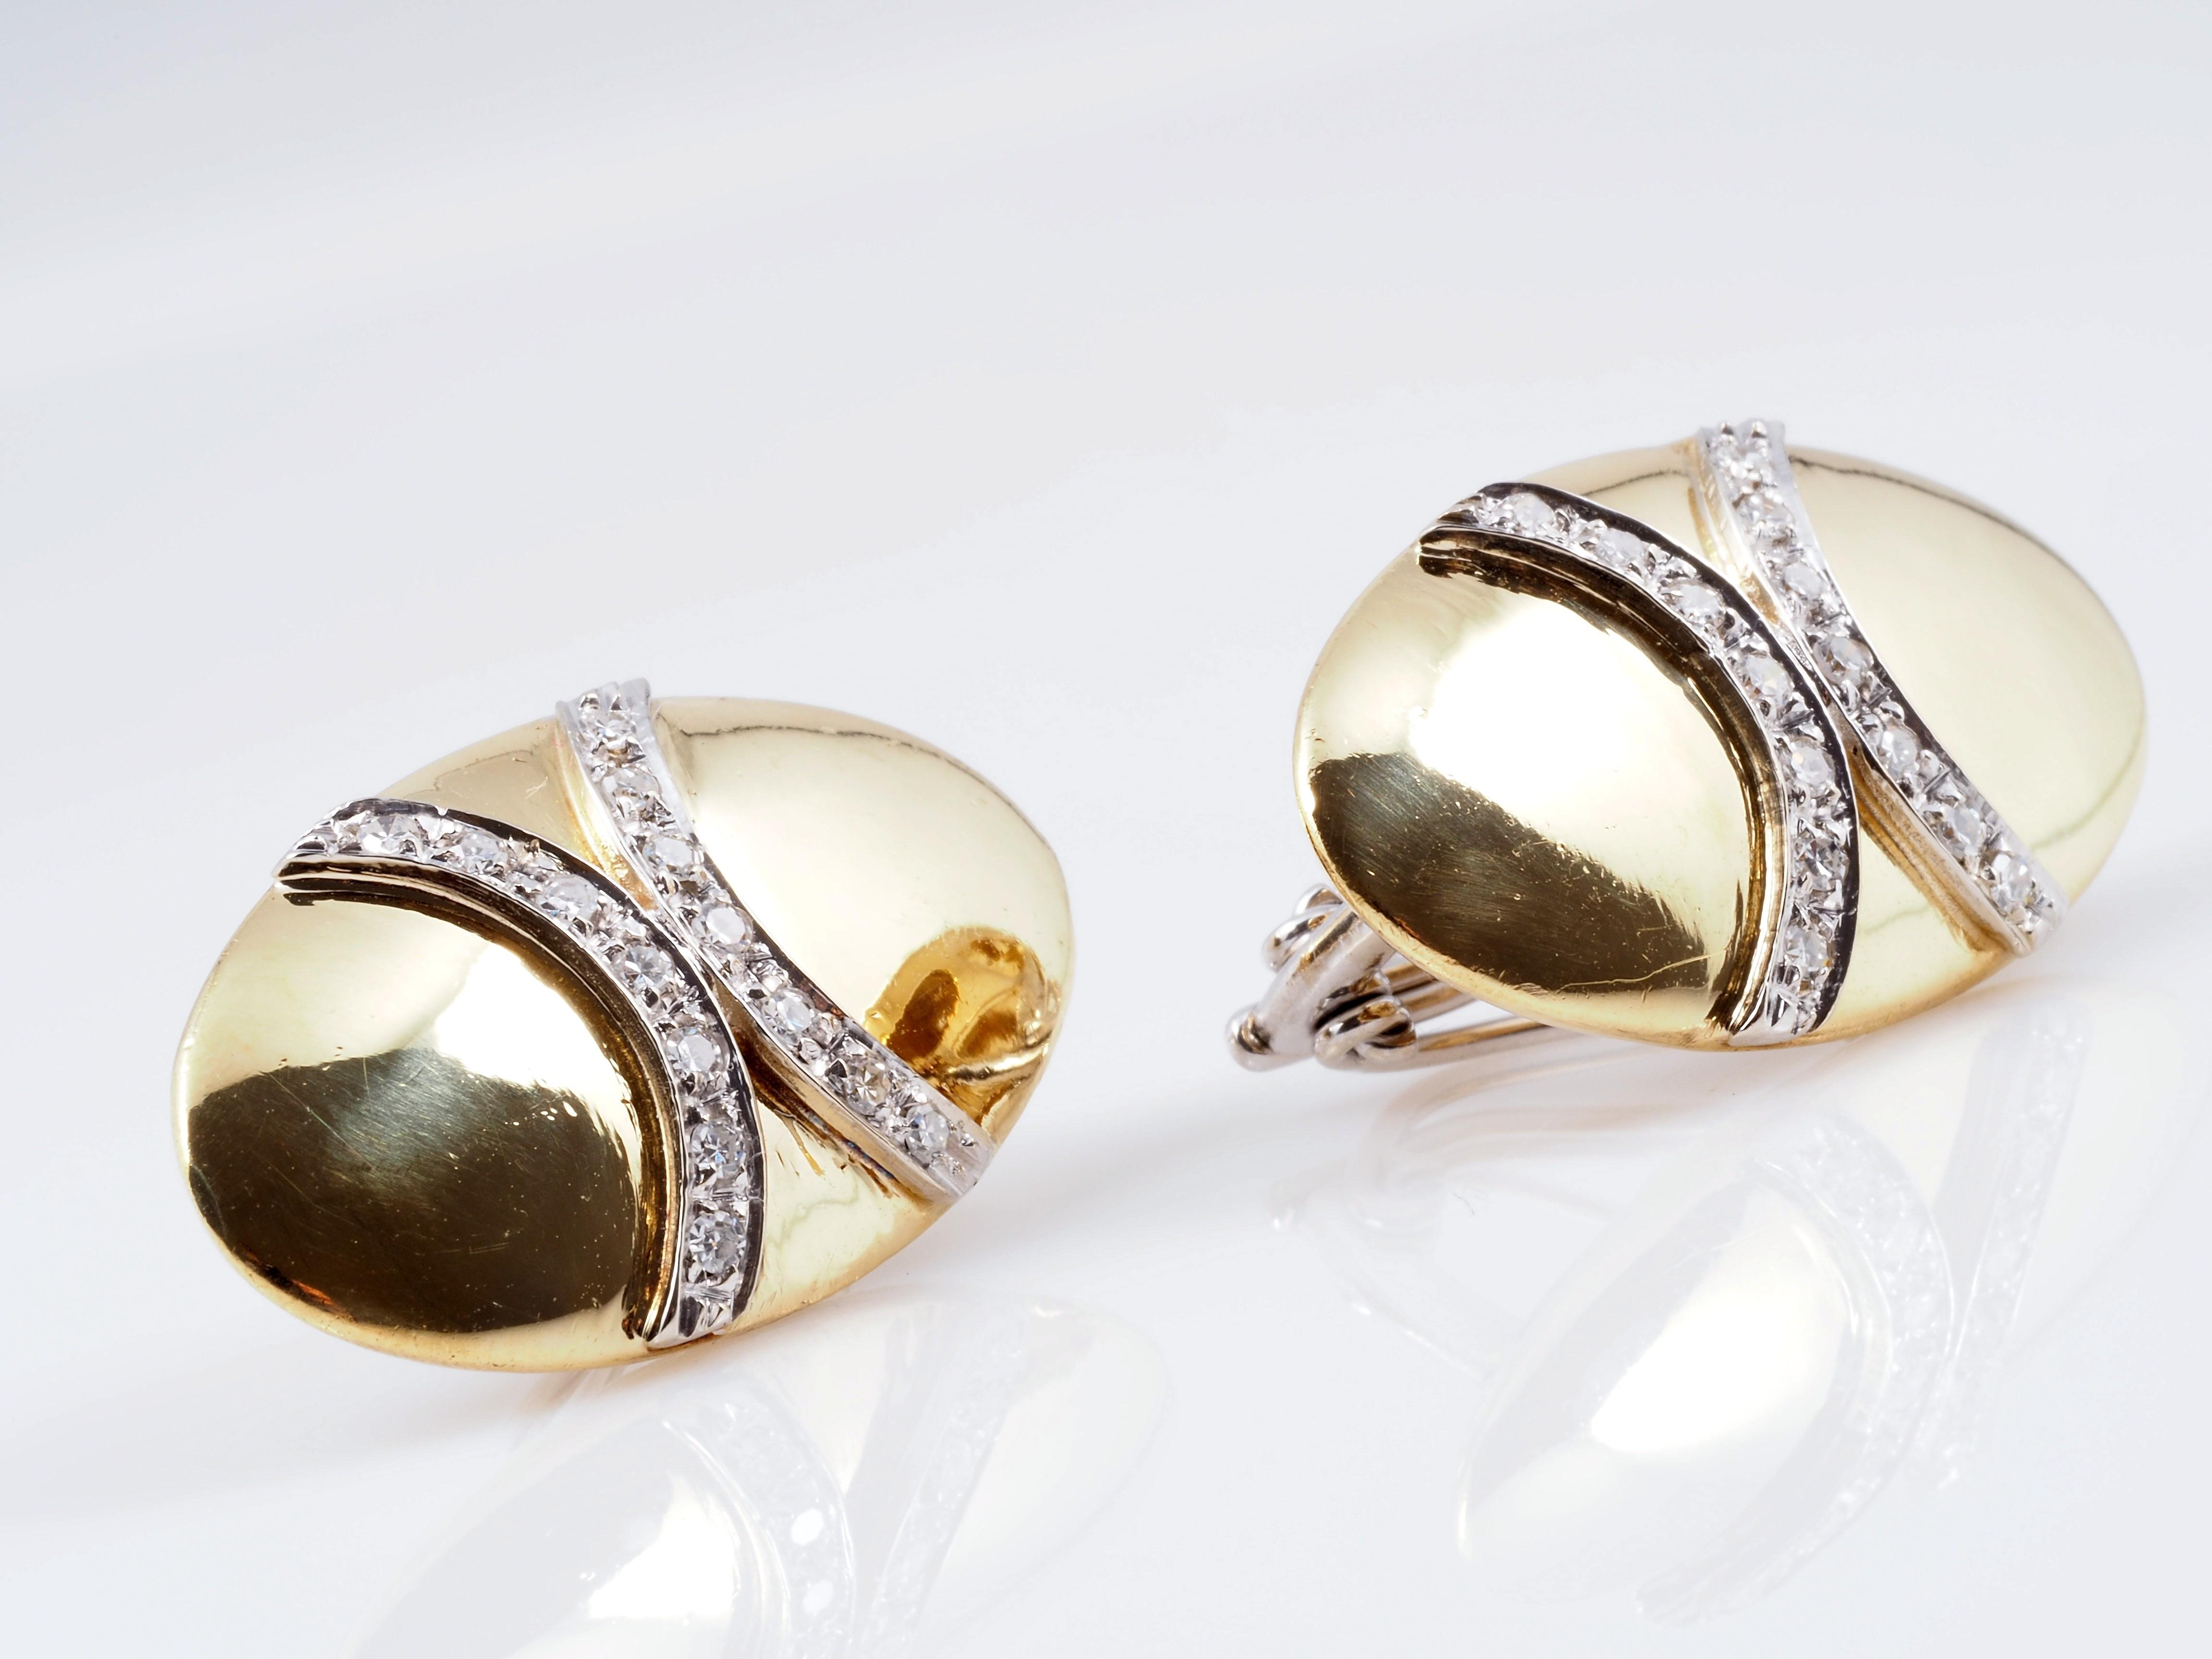 ohrringe ohrclips diamanten 750 gold wert ca eur ebay. Black Bedroom Furniture Sets. Home Design Ideas